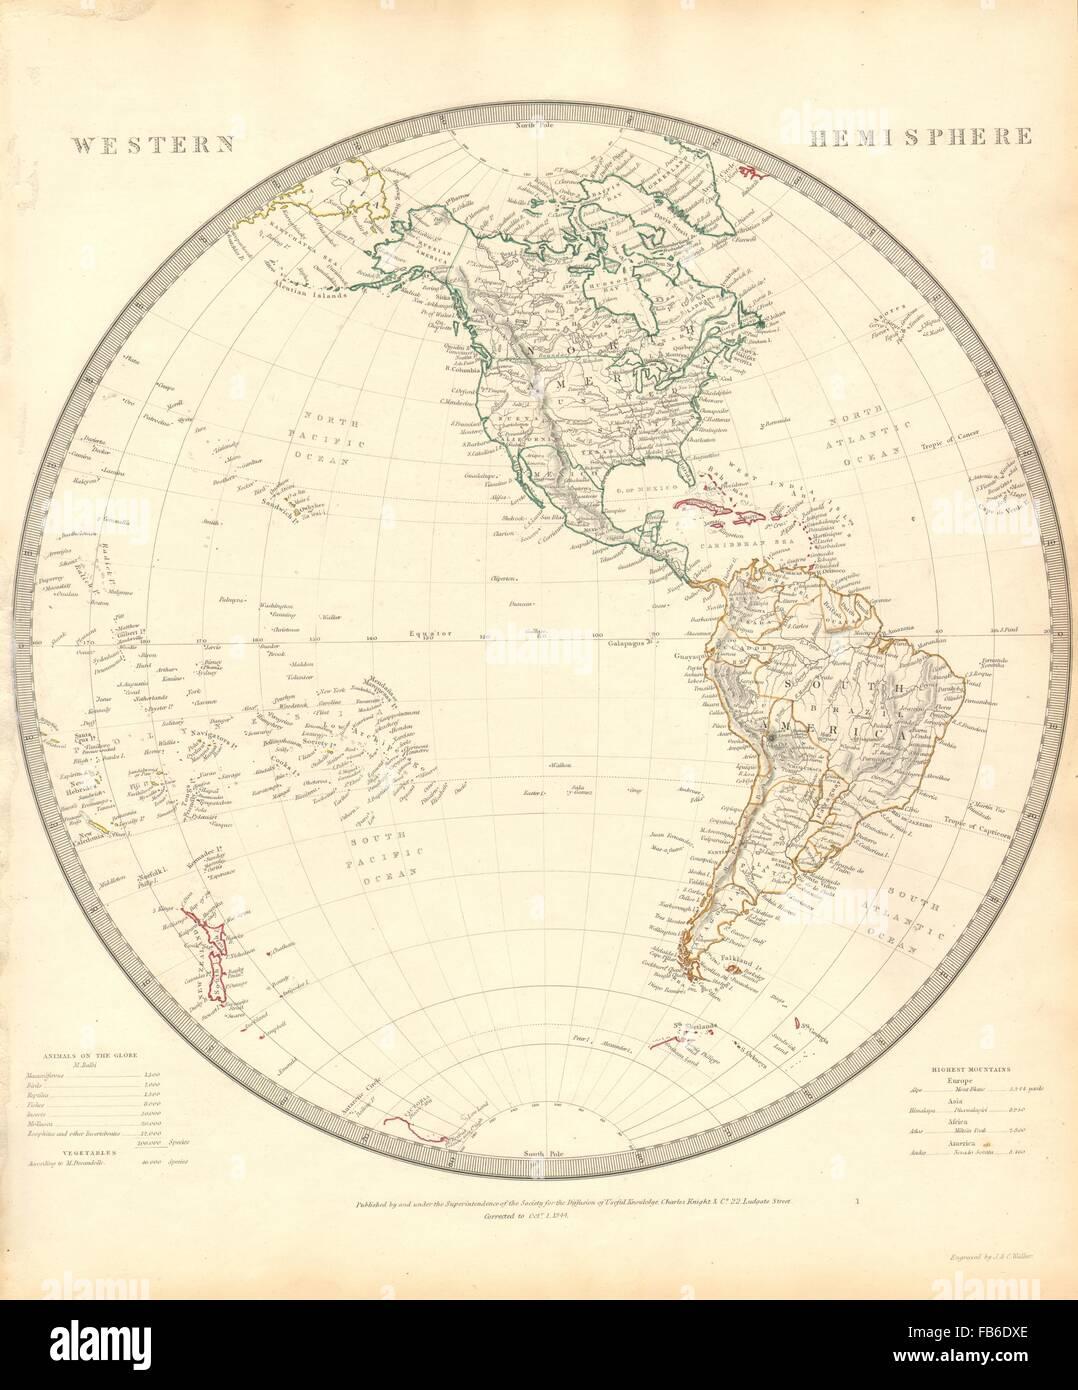 Western hemisphere the americas pacific ocean new zealand sduk western hemisphere the americas pacific ocean new zealand sduk 1848 map gumiabroncs Gallery